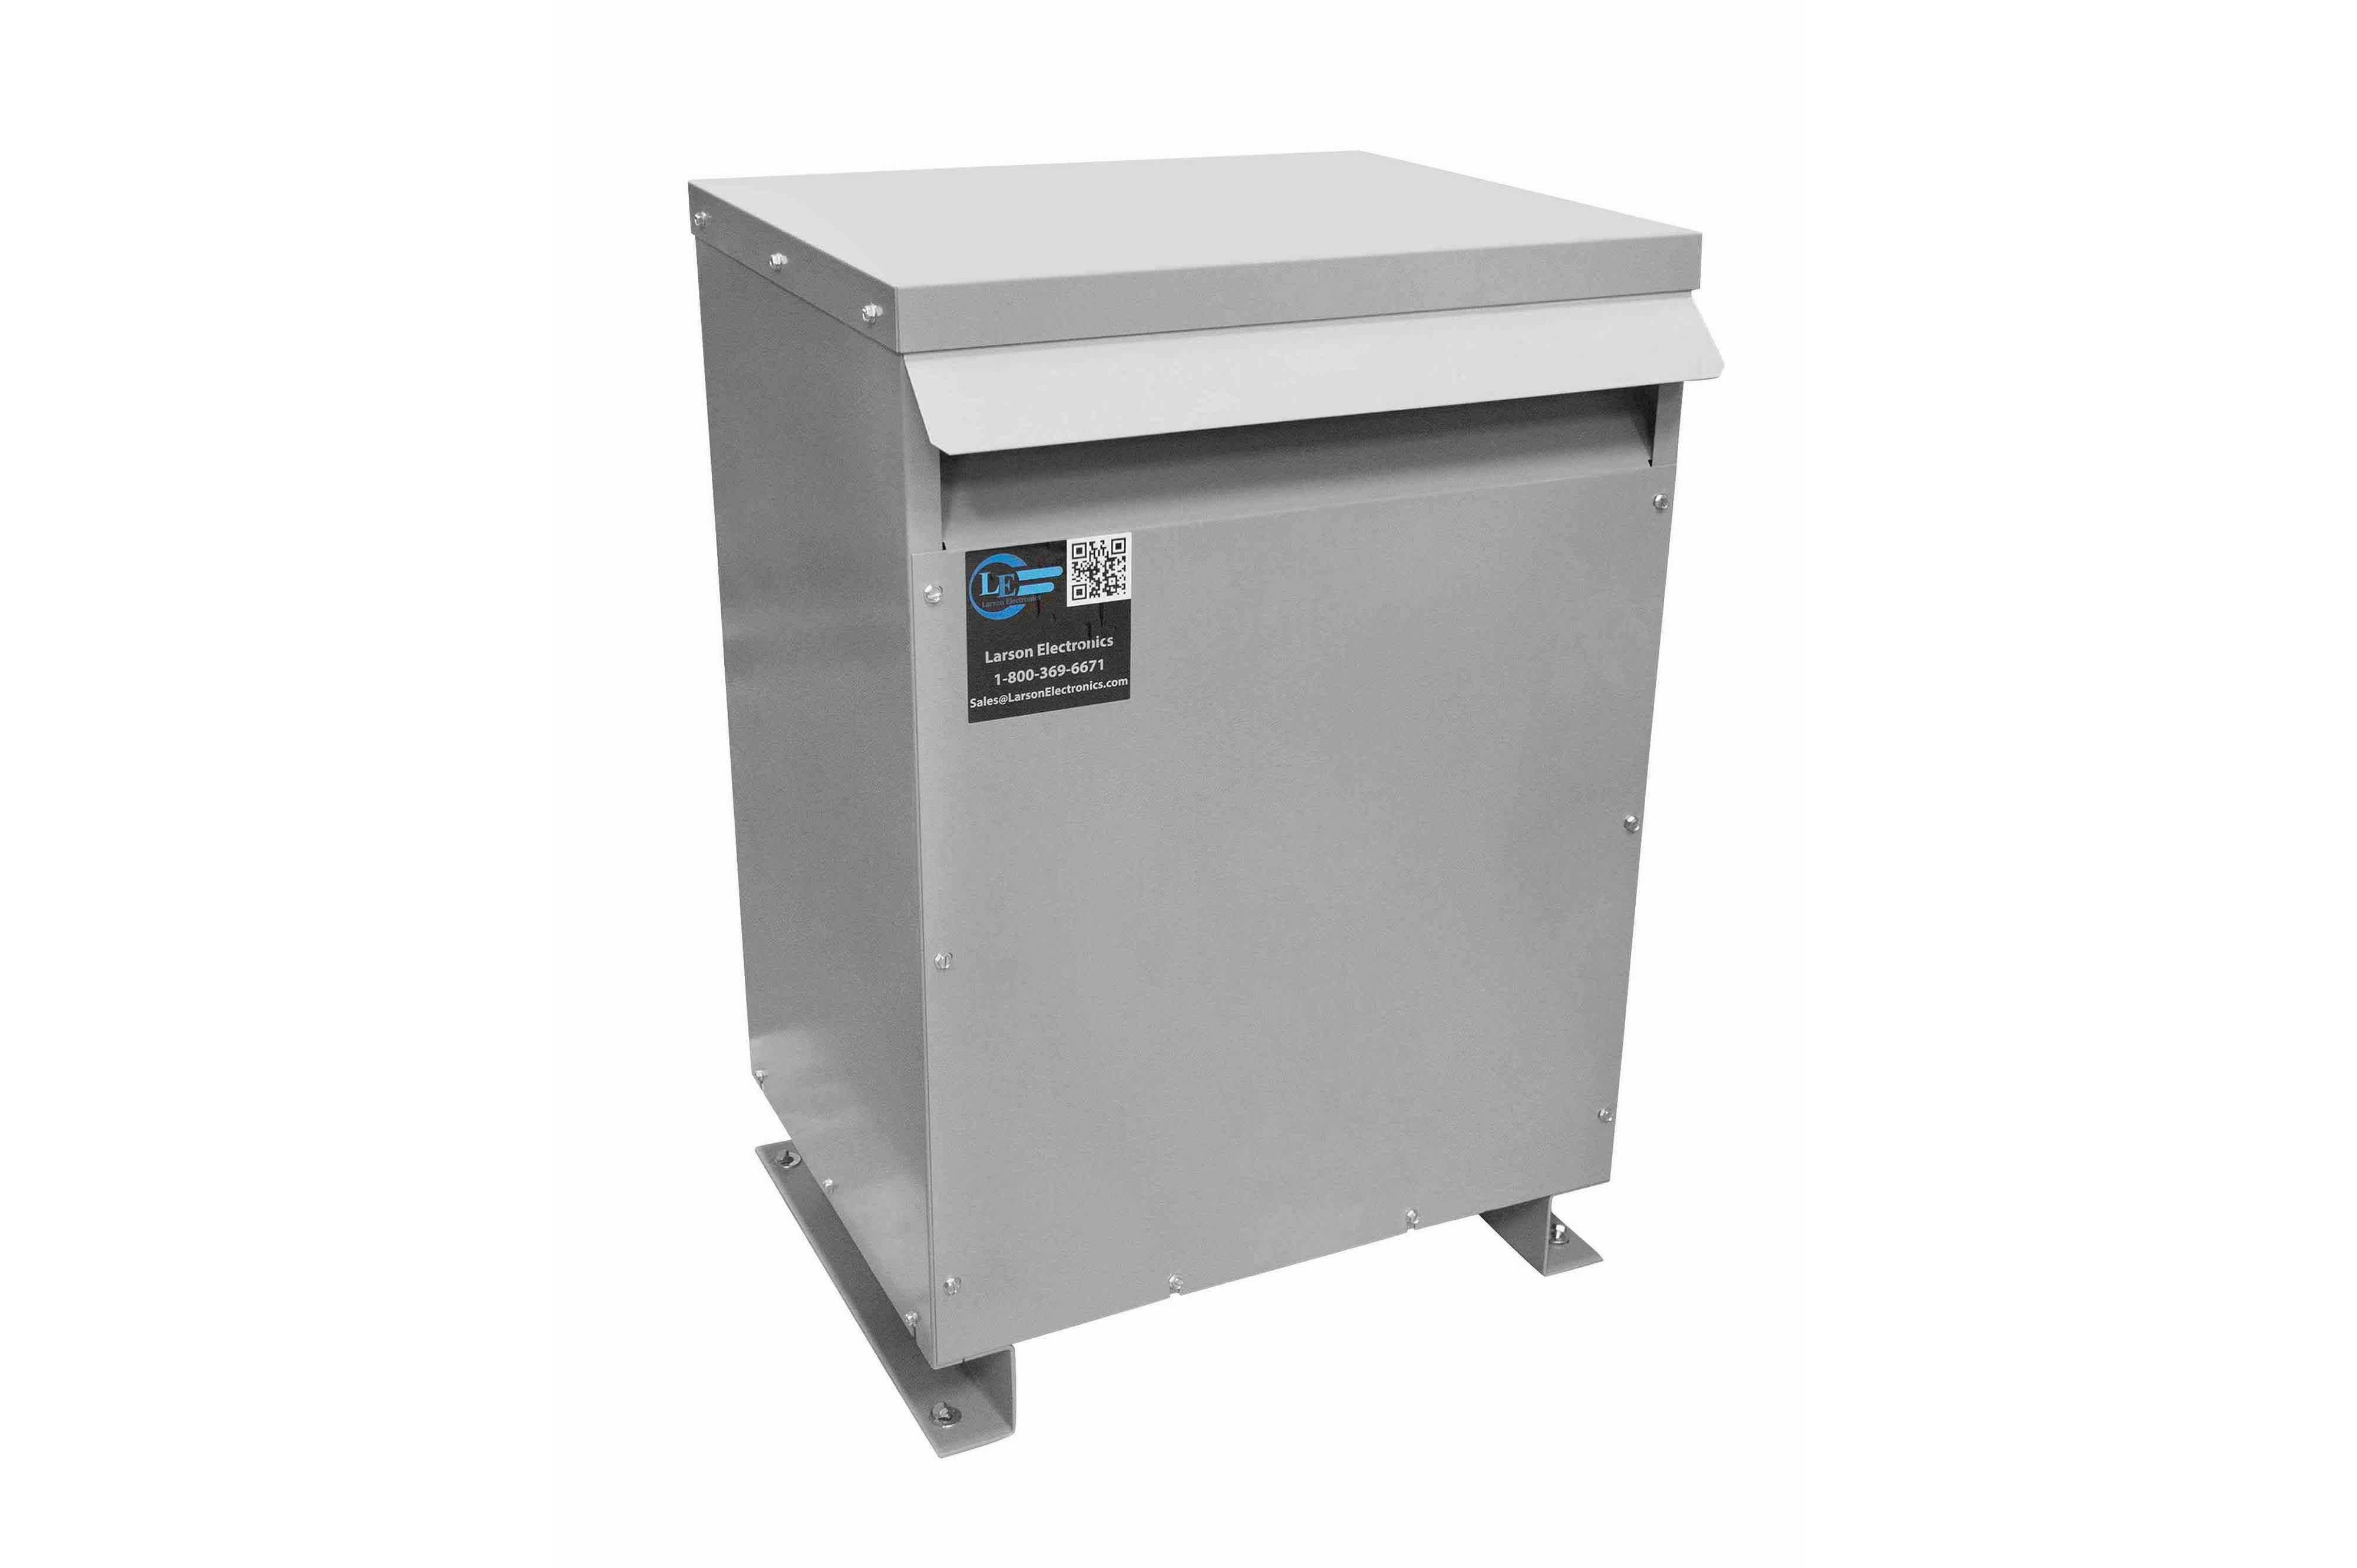 275 kVA 3PH Isolation Transformer, 460V Delta Primary, 600V Delta Secondary, N3R, Ventilated, 60 Hz